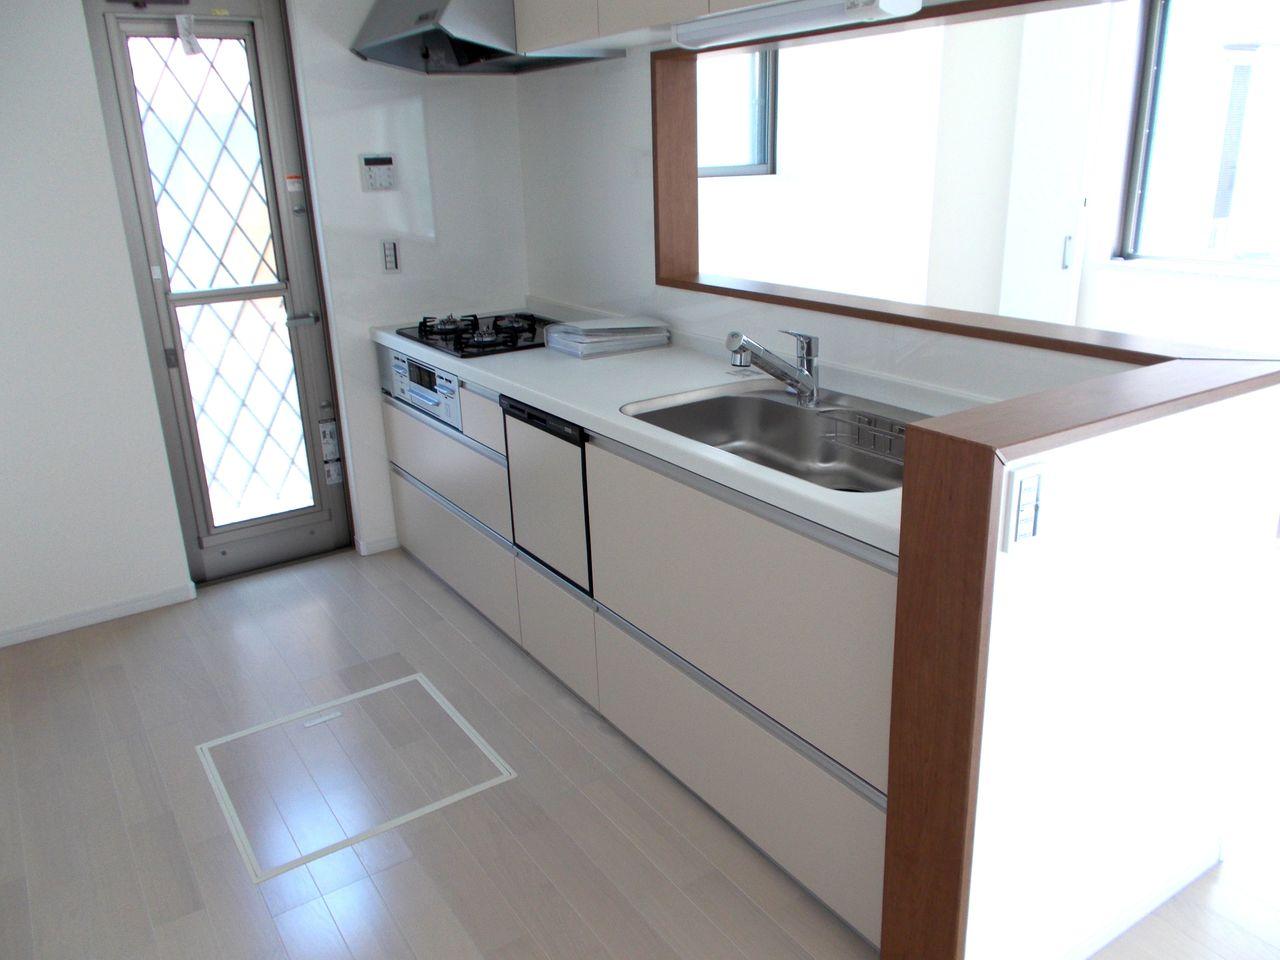 対面式のキッチンには食器洗浄乾燥機を装備。 家事の負担を軽減。 便利な勝手口や床下収納も備えております。